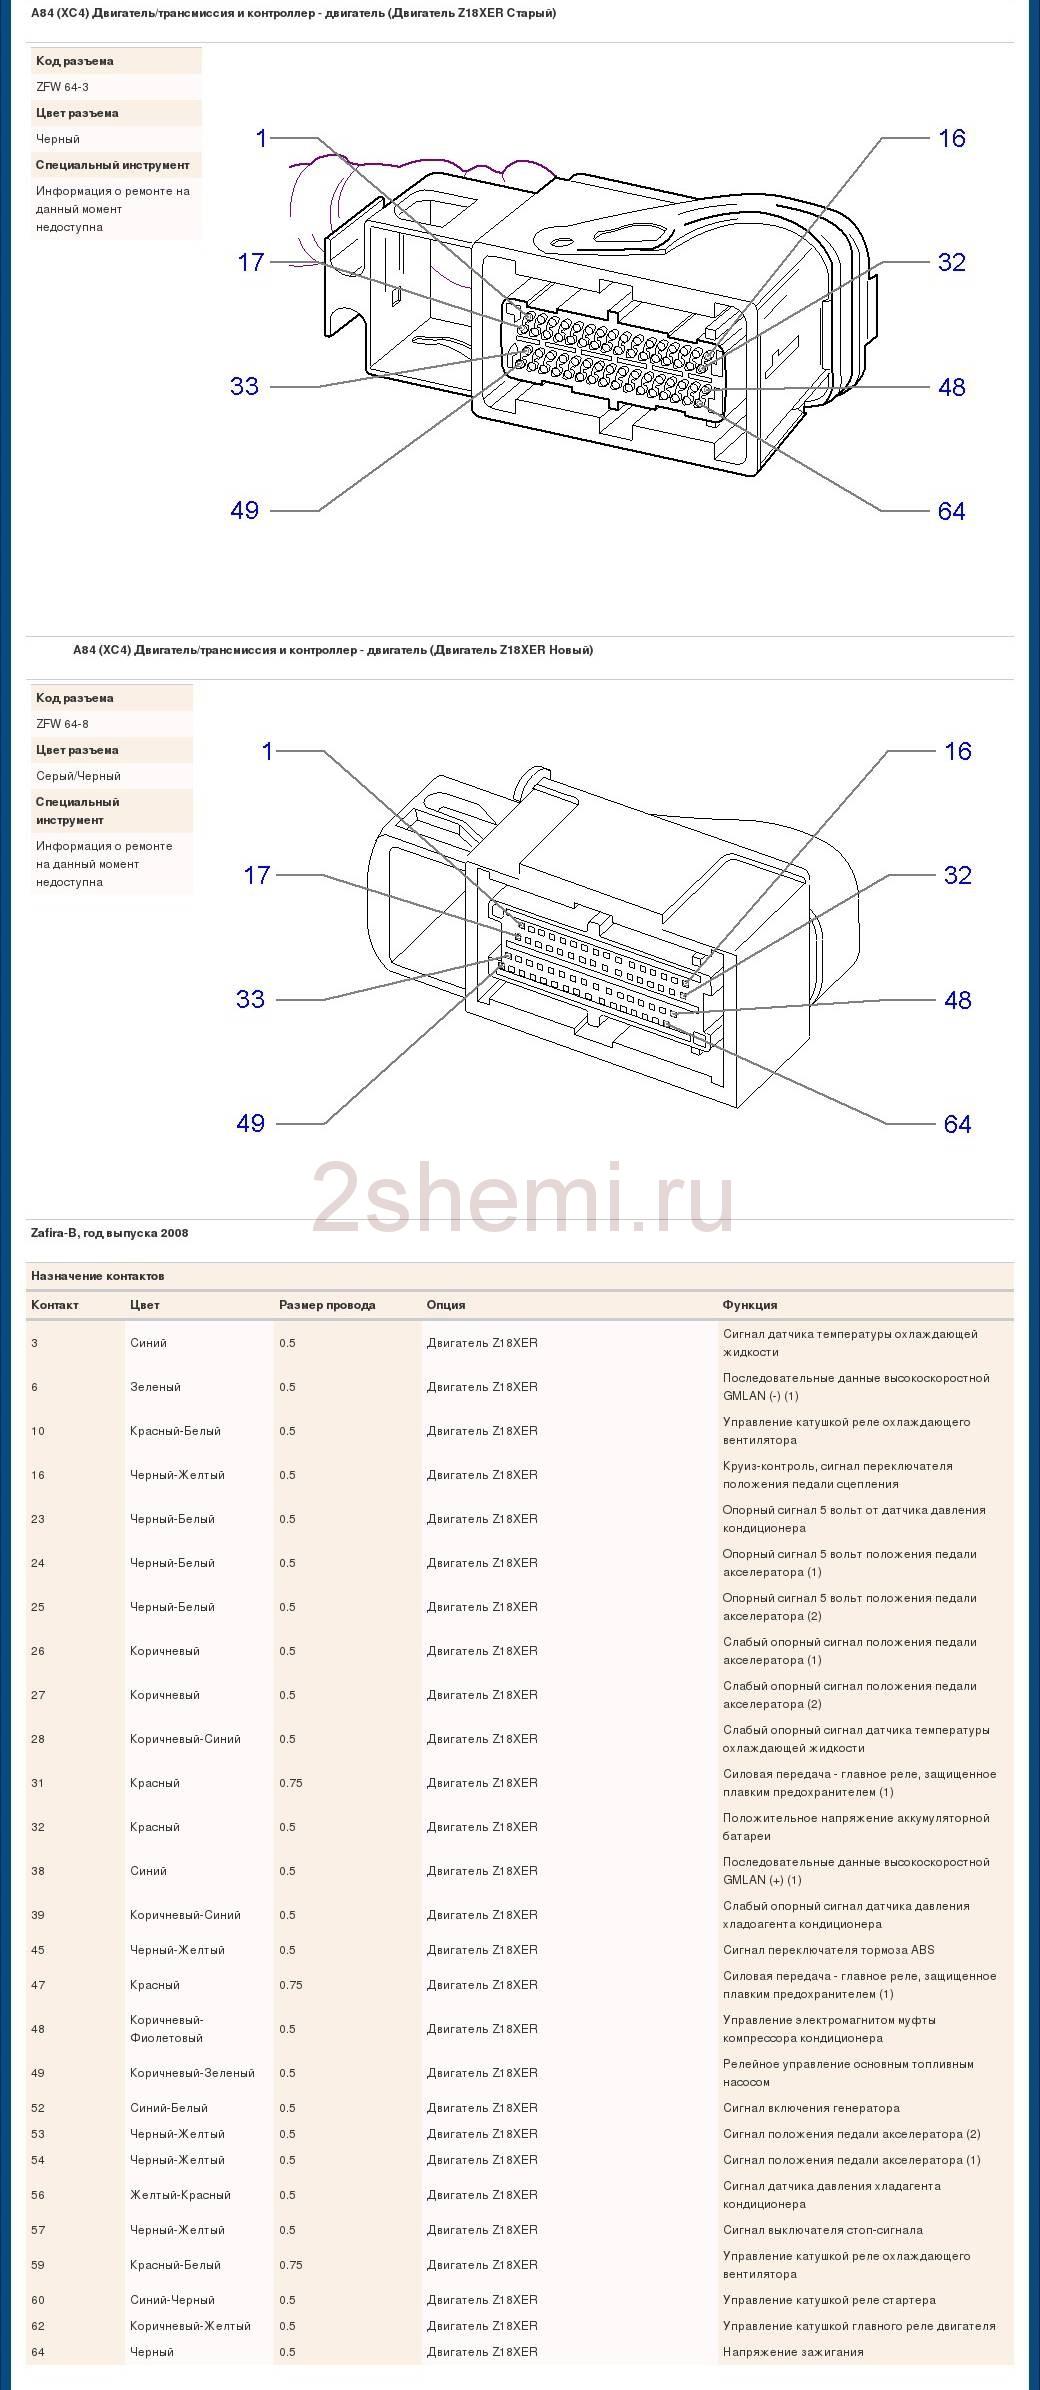 Распиновка контактов разъемов блоков ЭБУ двигателей авто